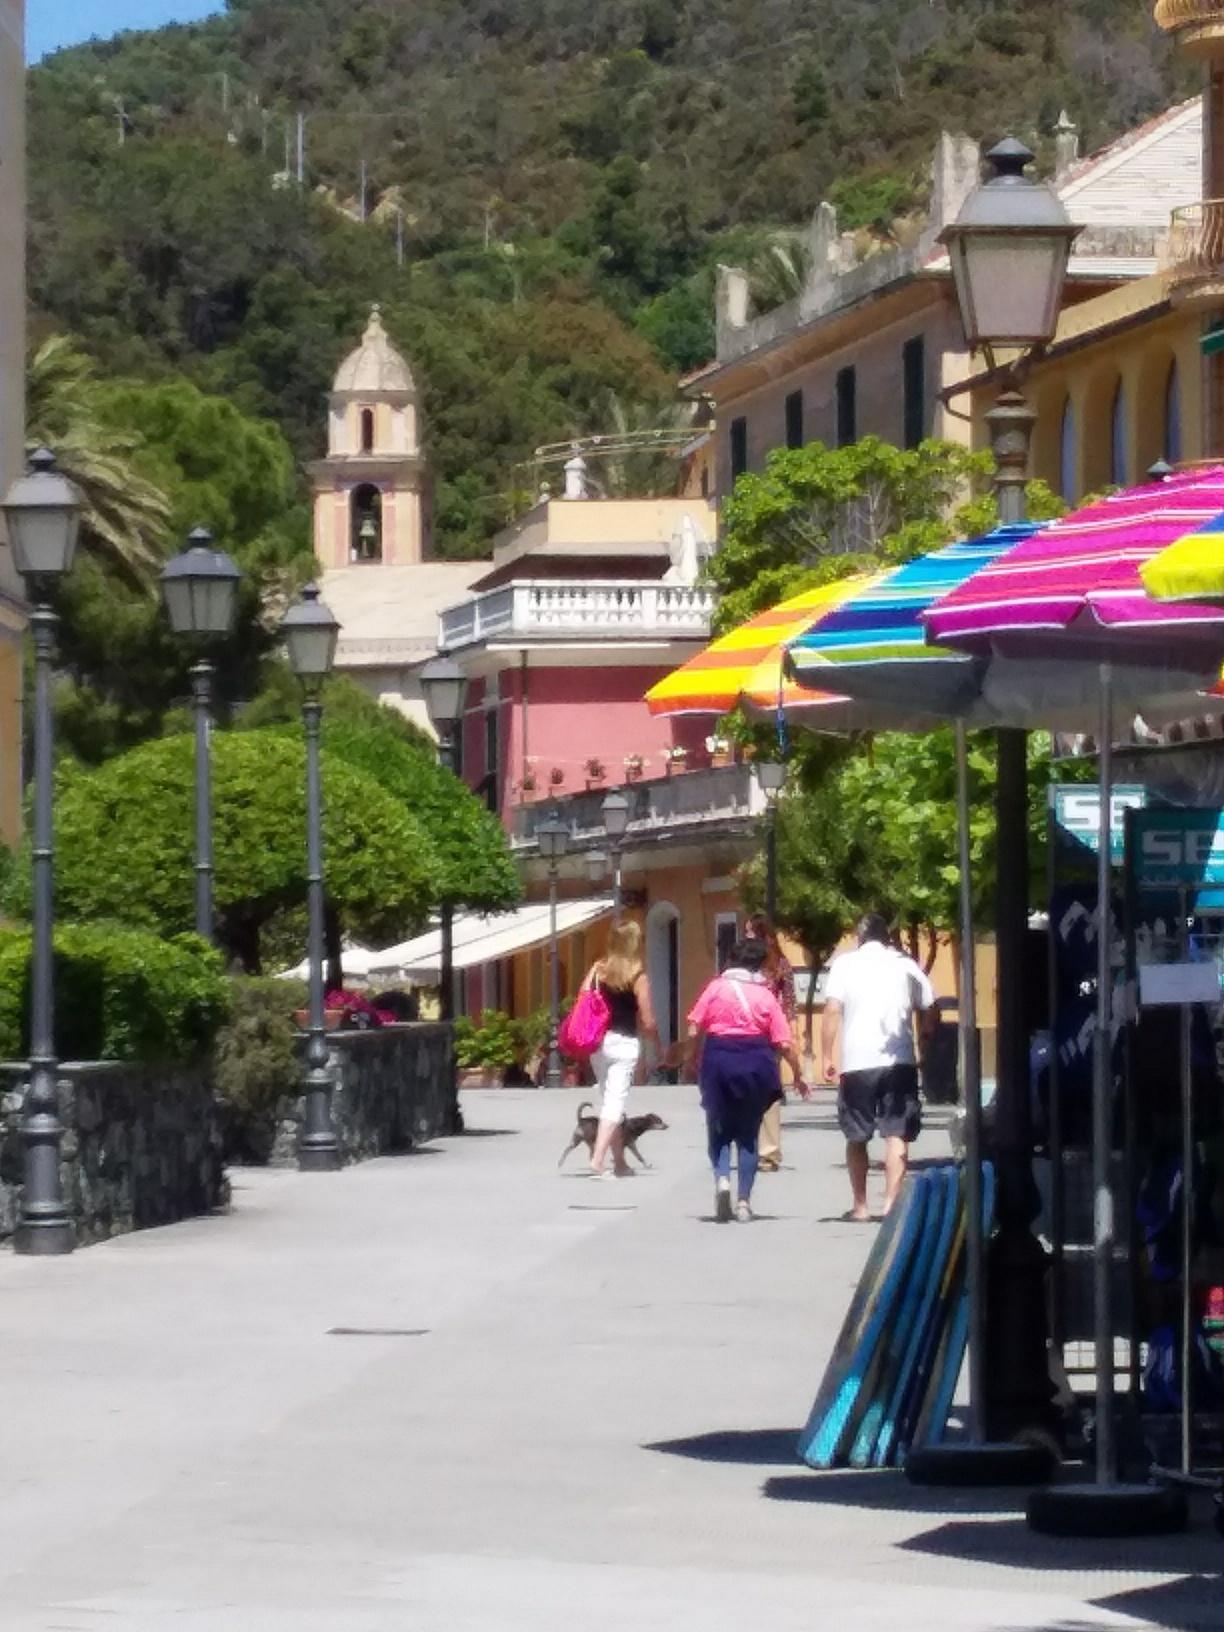 Bonassola's main pedestrian street